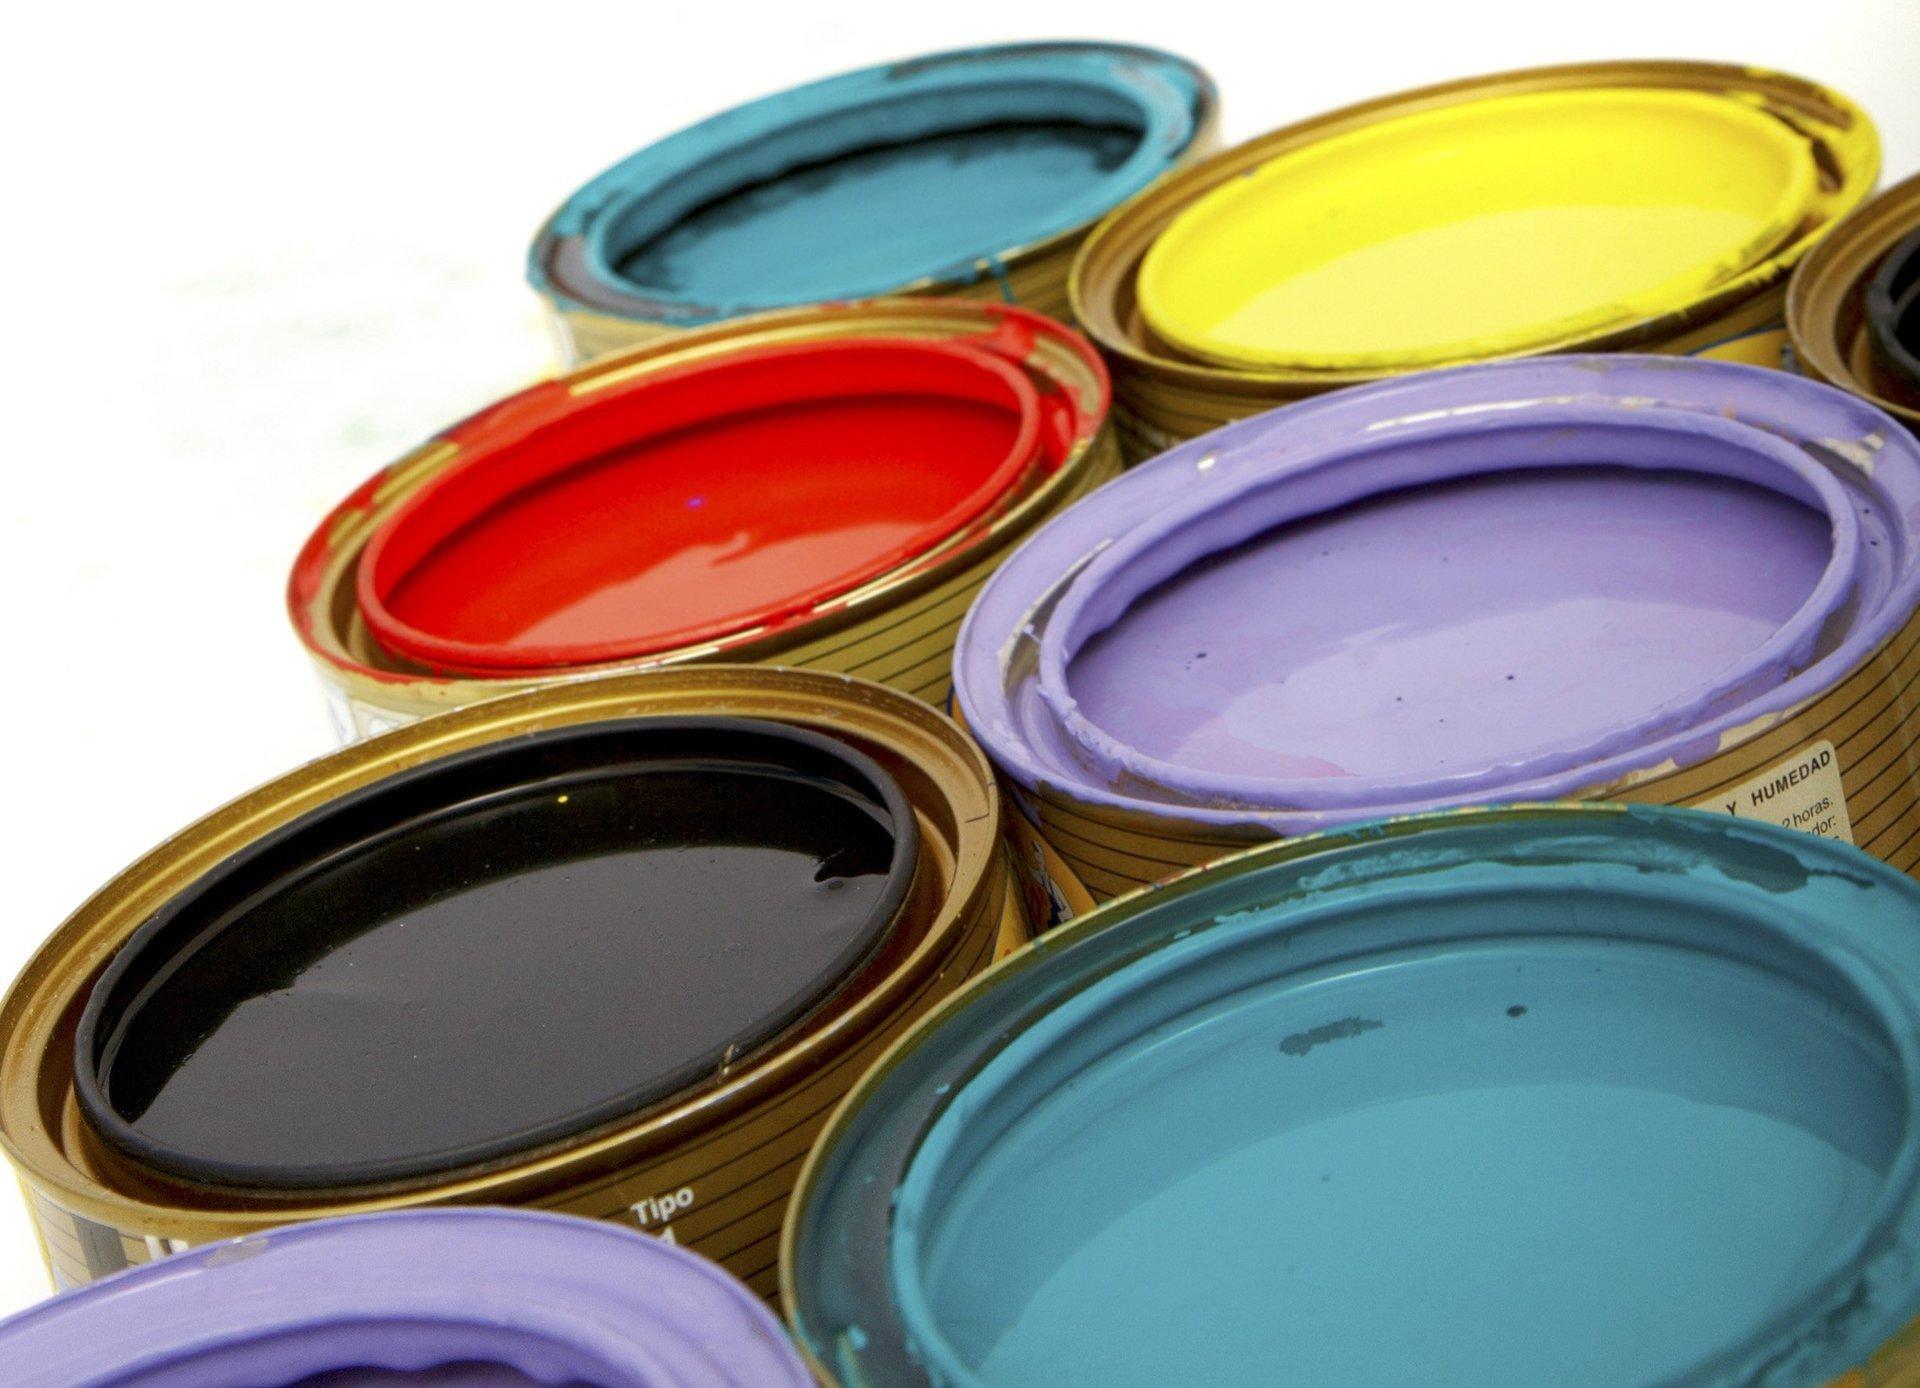 barattoli di pittura pieni di diversi colori